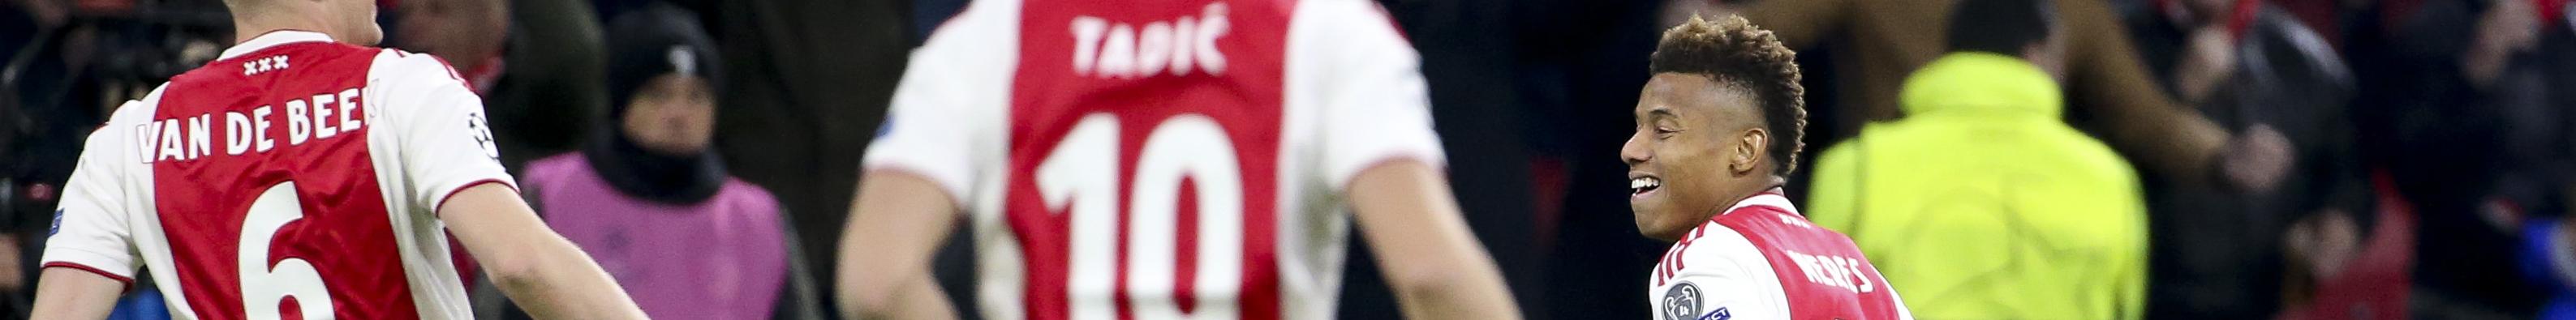 Ajax-Tottenham, i lancieri vedono Madrid ma gli Spurs possono sperare con Son